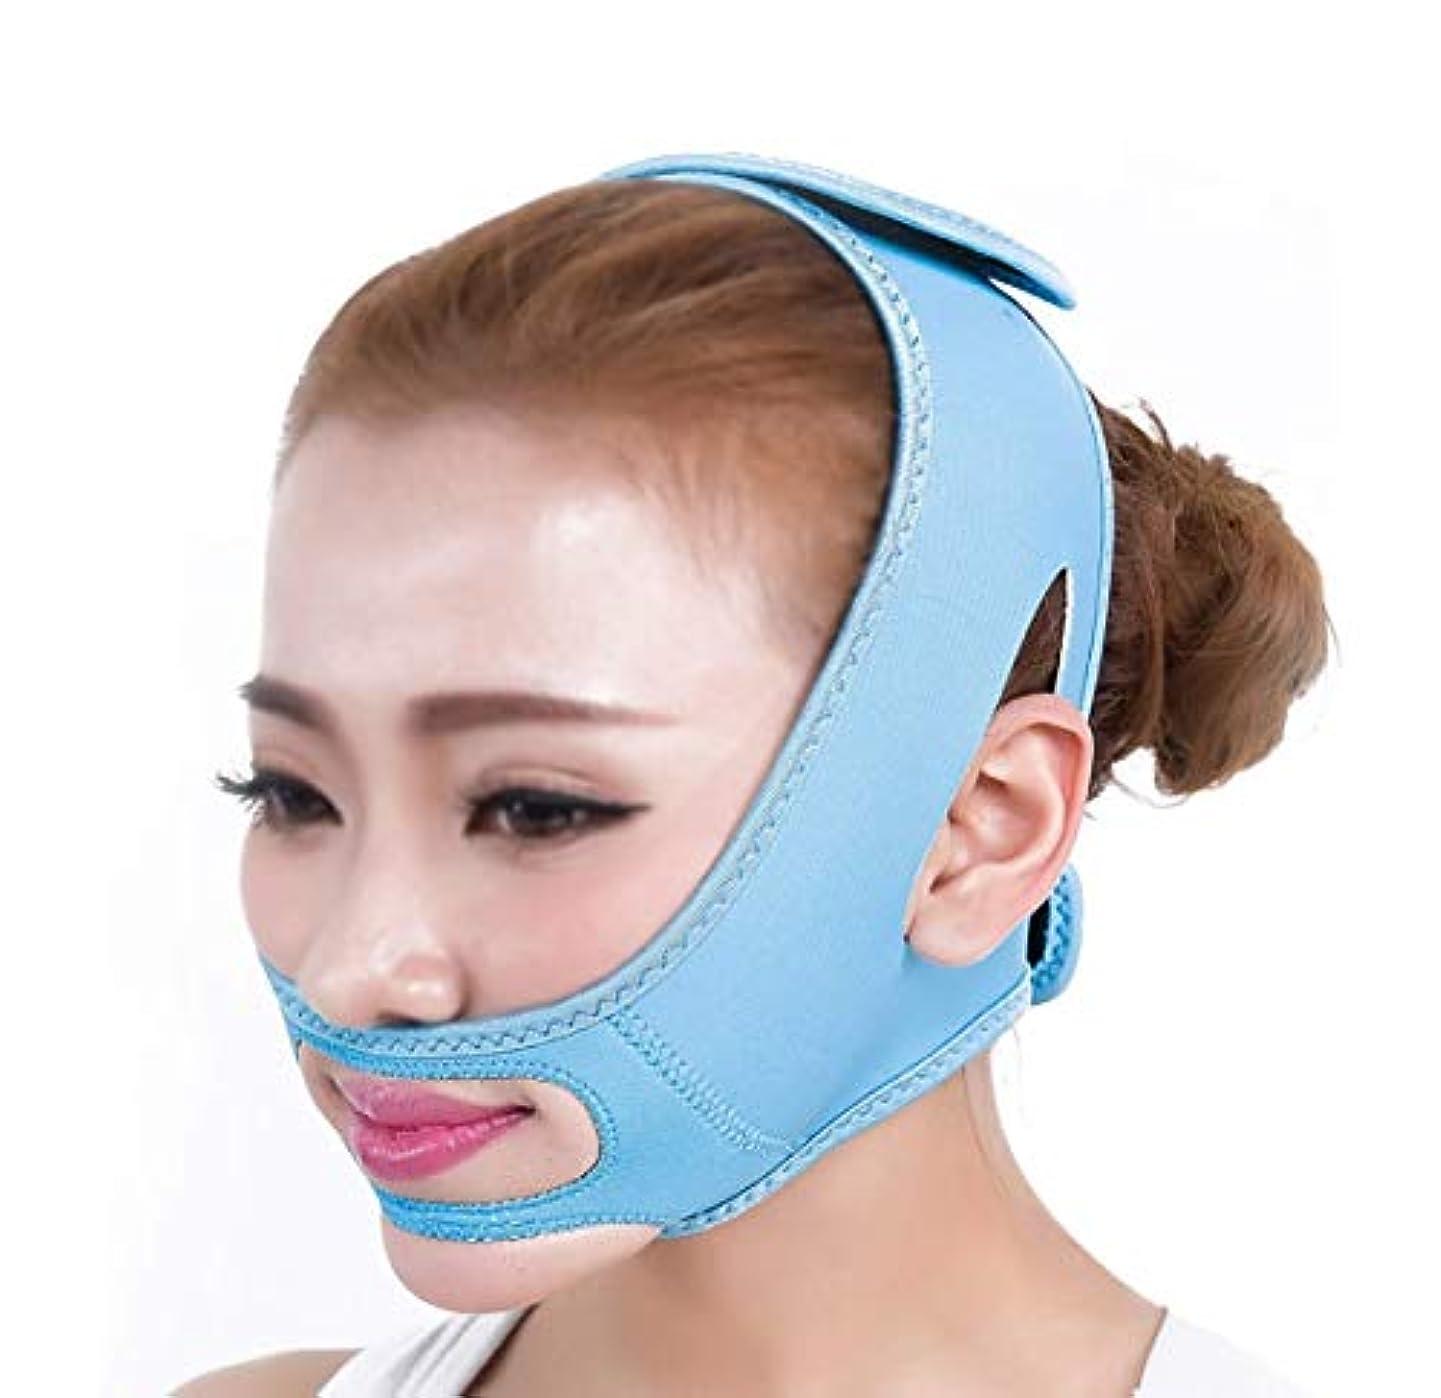 おじさん後ろ、背後、背面(部スキルHEMFV フェイススリミングは、顔の皮膚包帯二重あごスリミングベルト美容通気性のVフェイス包帯顔のリフティングを締め、スリムリフトマスク